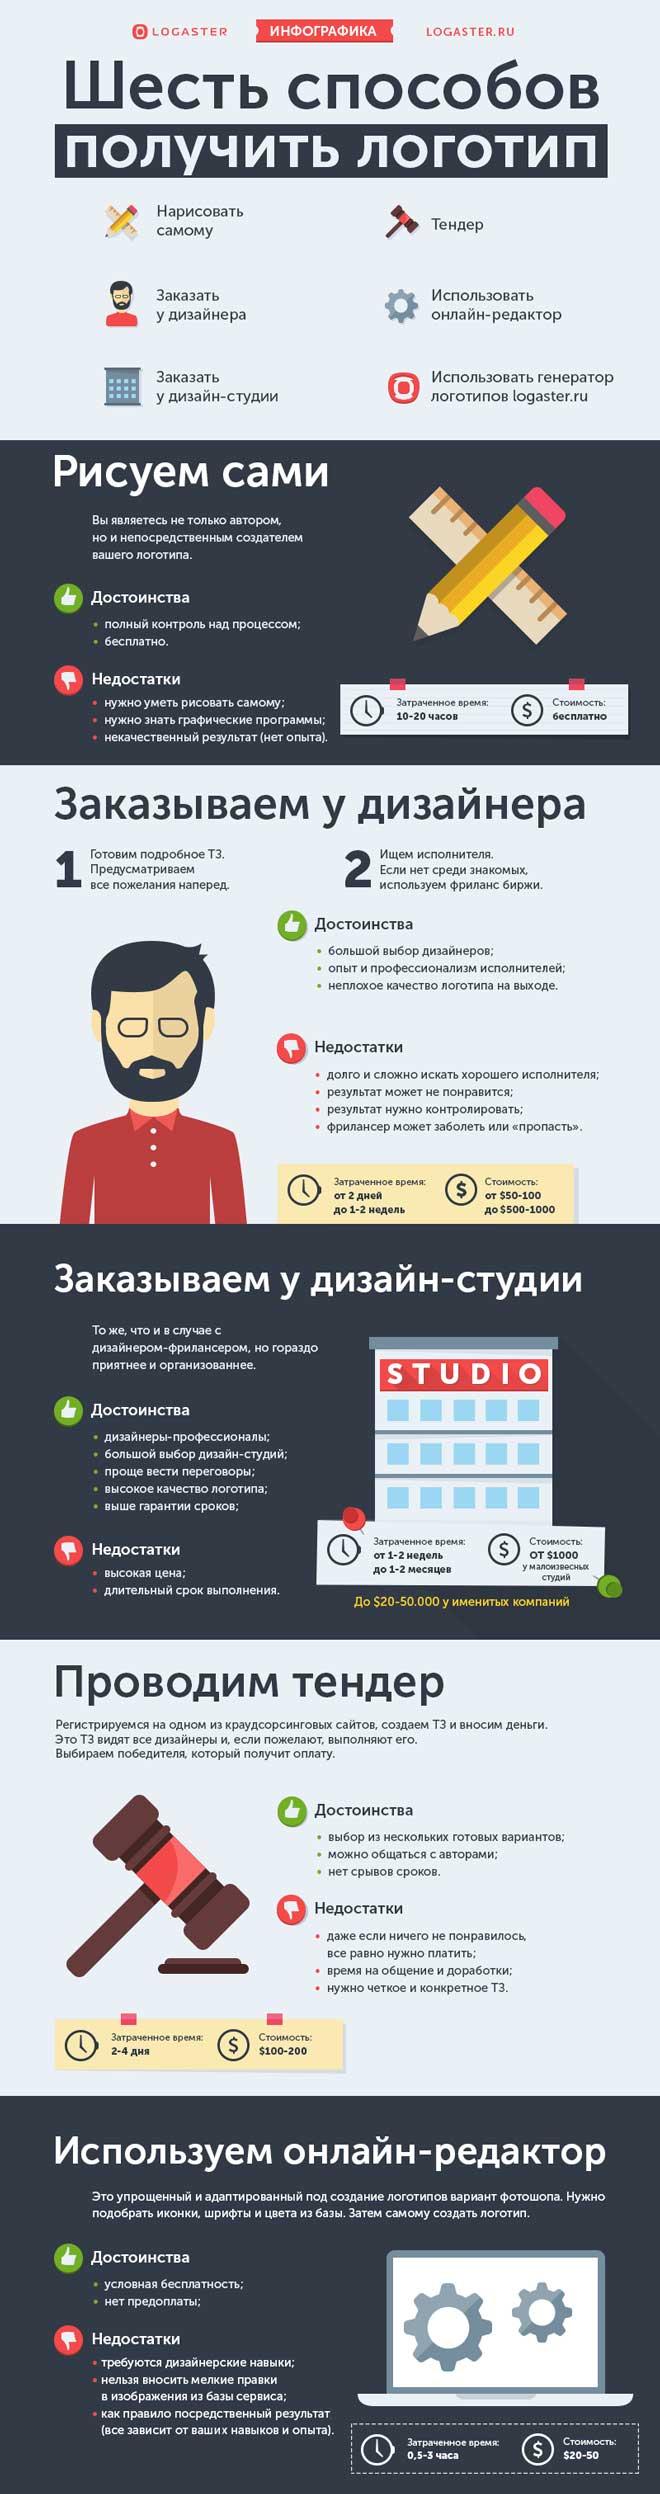 На инфографике показано основные способы создания лого, их преимущества и недостатки